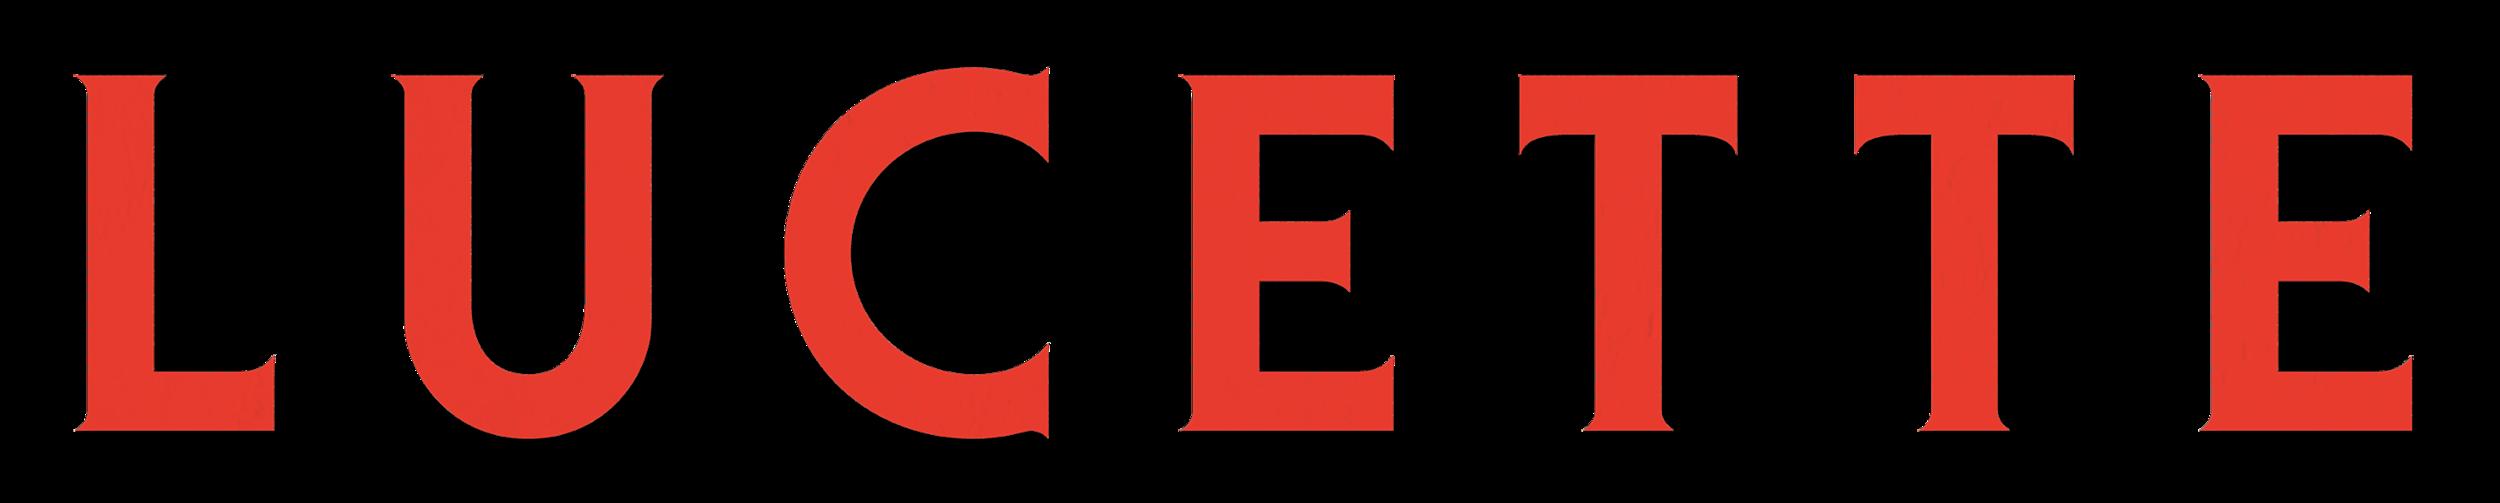 Lucettea-DHR_logo RGB.png